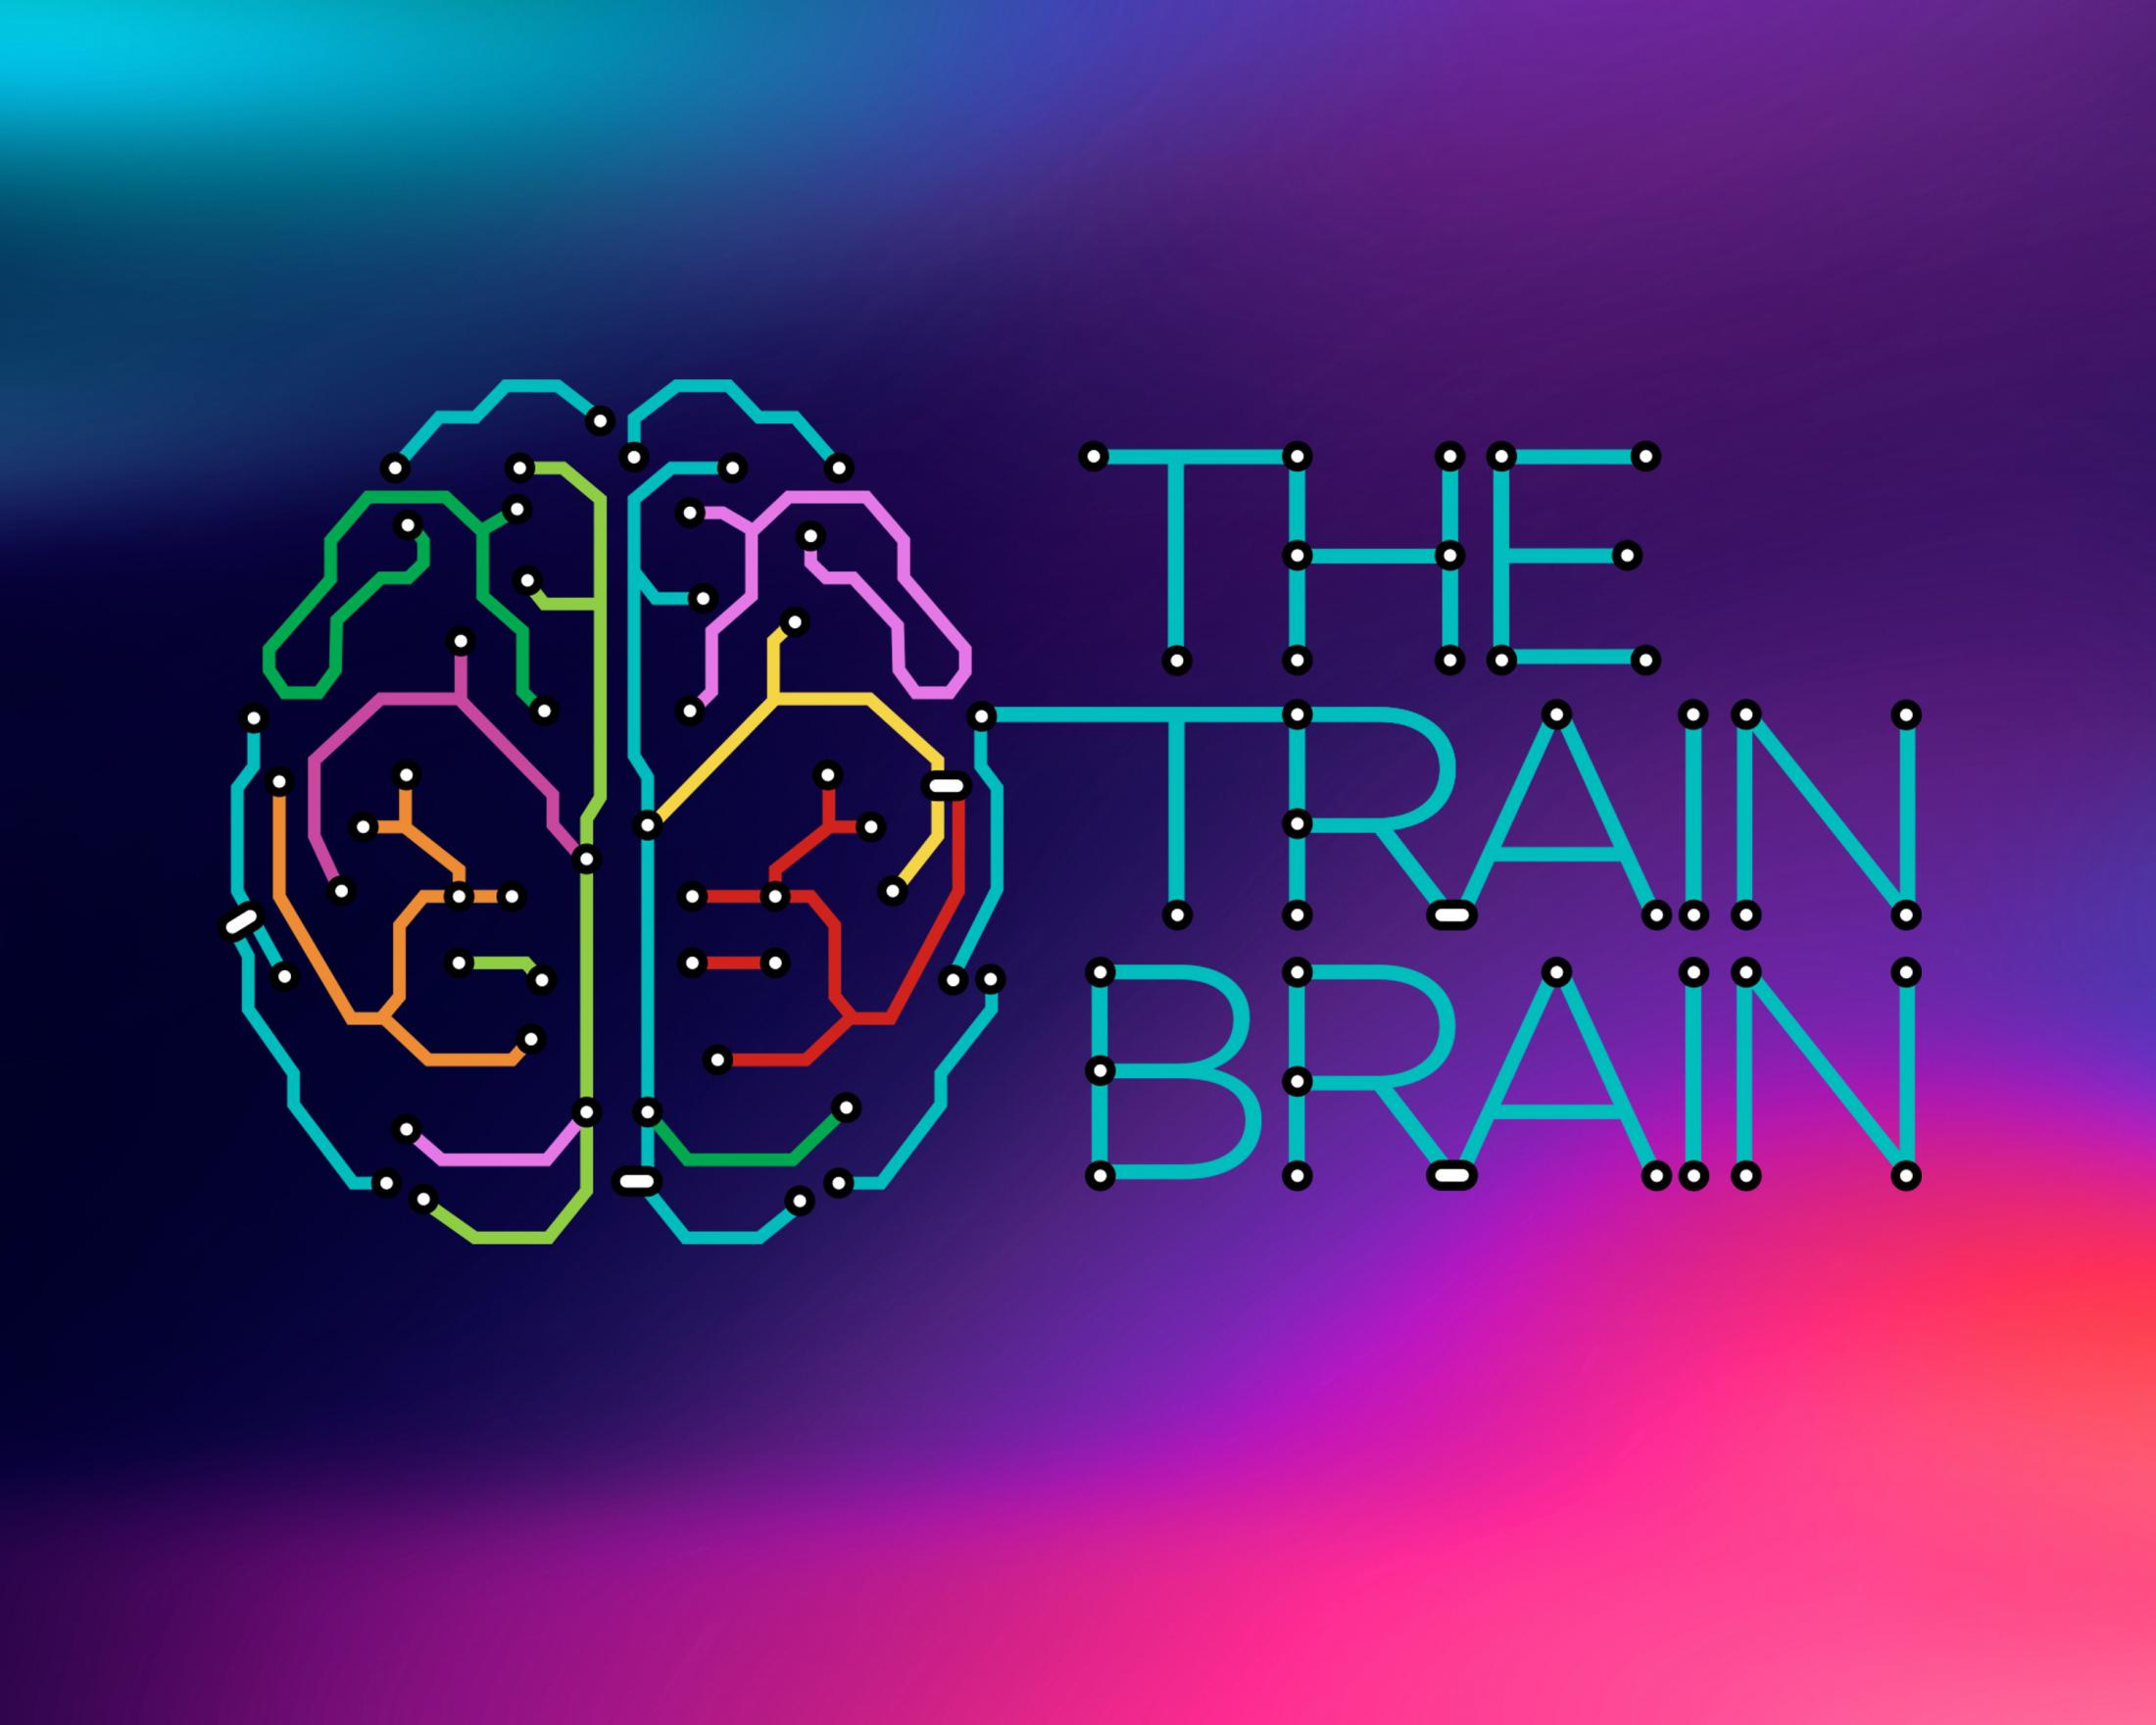 Thumbnail for The Train Brain